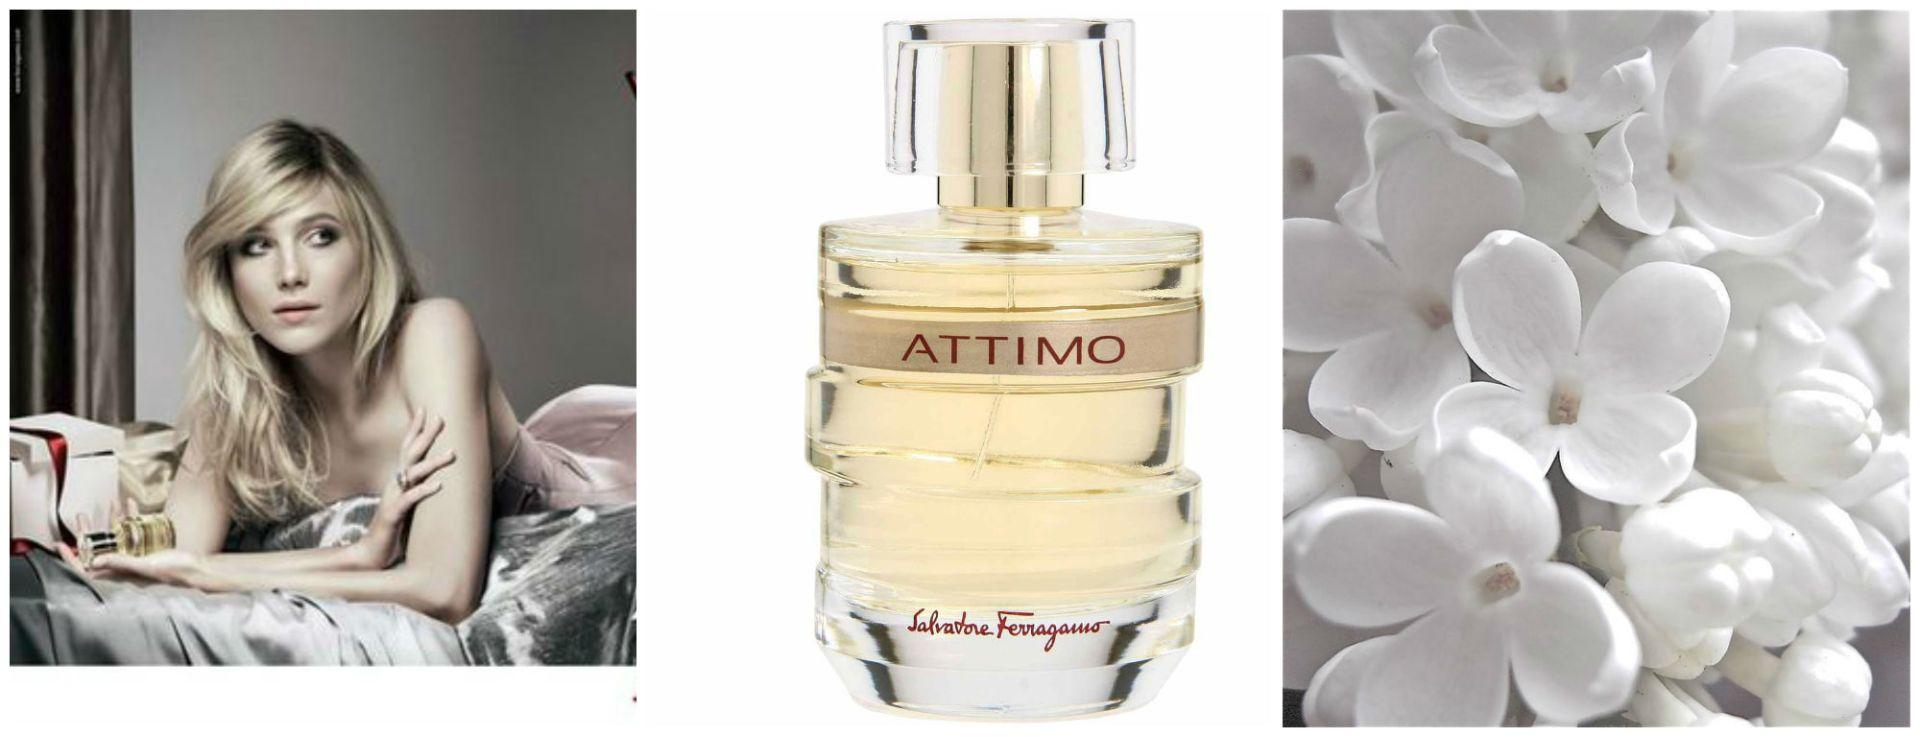 salvatore-ferragamo attimo perfume review